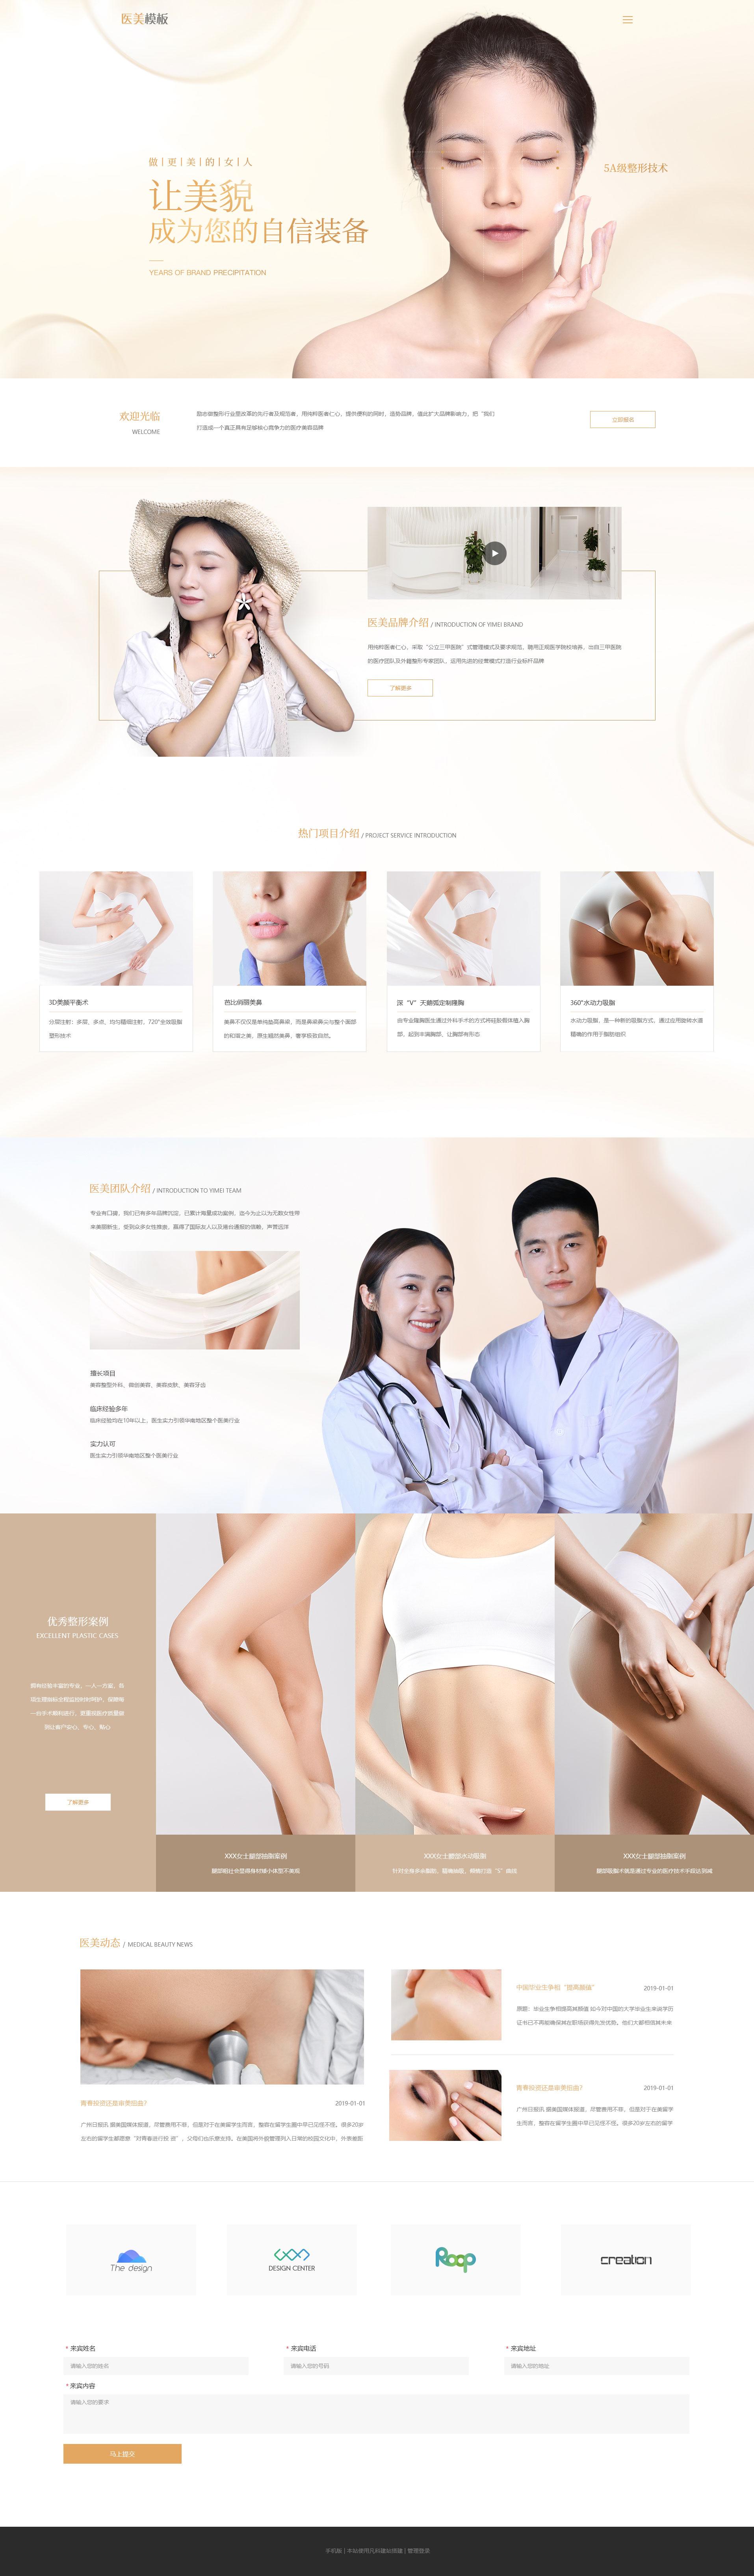 医美整形医院-自适应网站模板